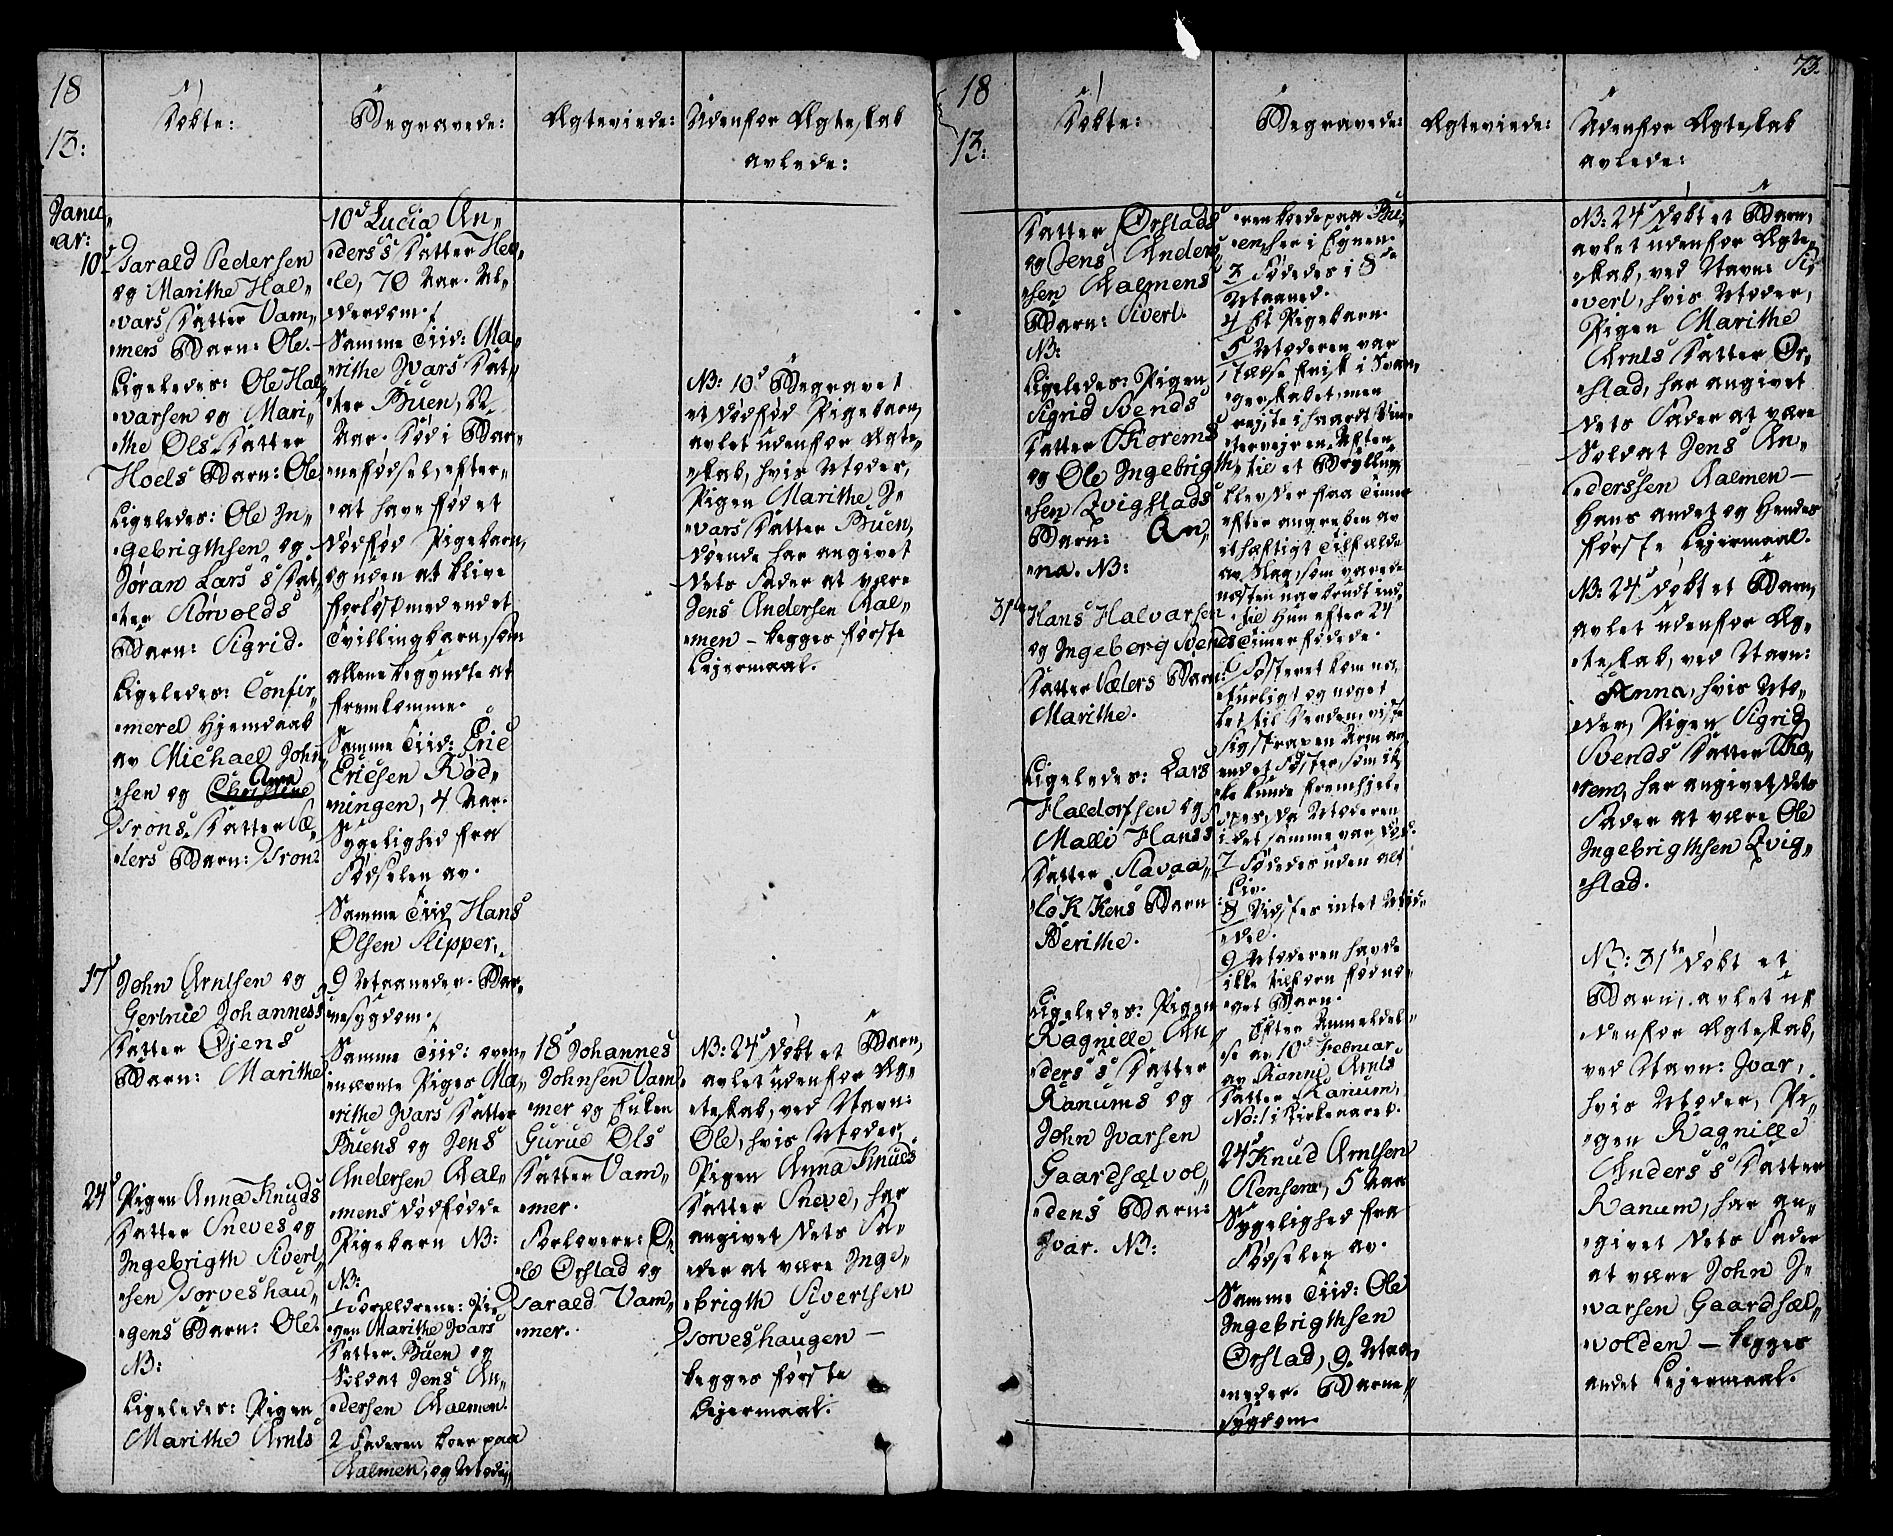 SAT, Ministerialprotokoller, klokkerbøker og fødselsregistre - Sør-Trøndelag, 678/L0894: Ministerialbok nr. 678A04, 1806-1815, s. 73